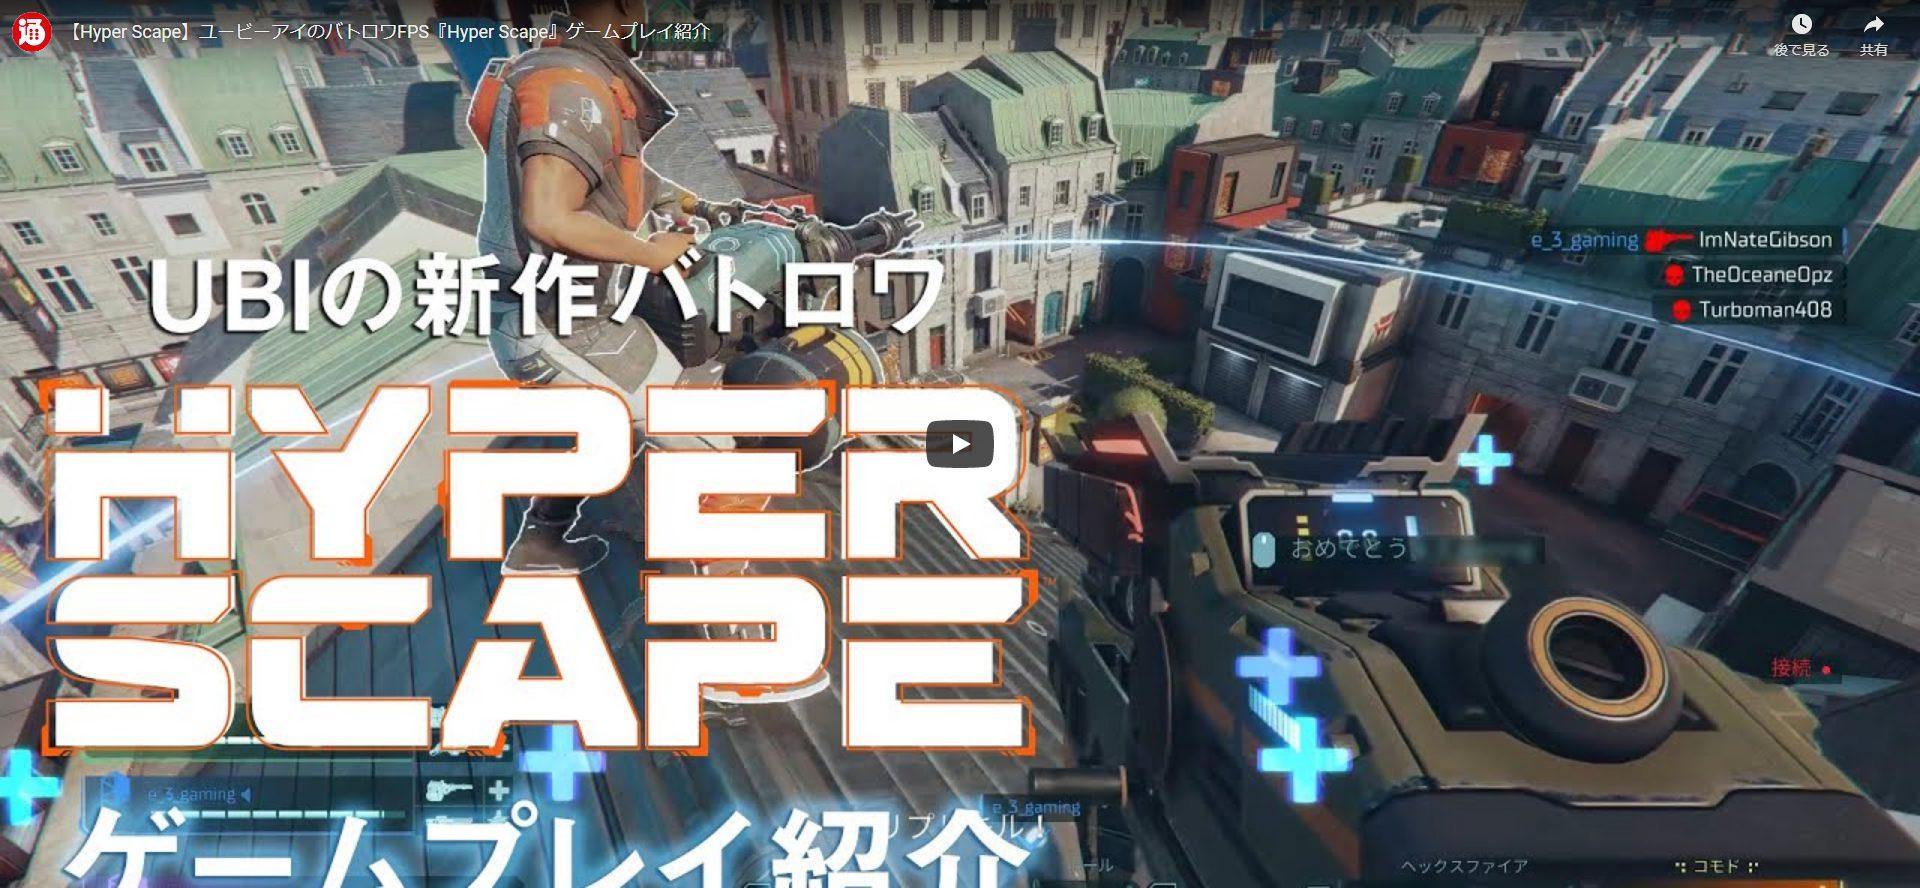 4 2 - 【朗報】Ubisoftが新作バトロワ『Hyper Scape』を発表 3人1組のチームで超人的能力を駆使して戦う